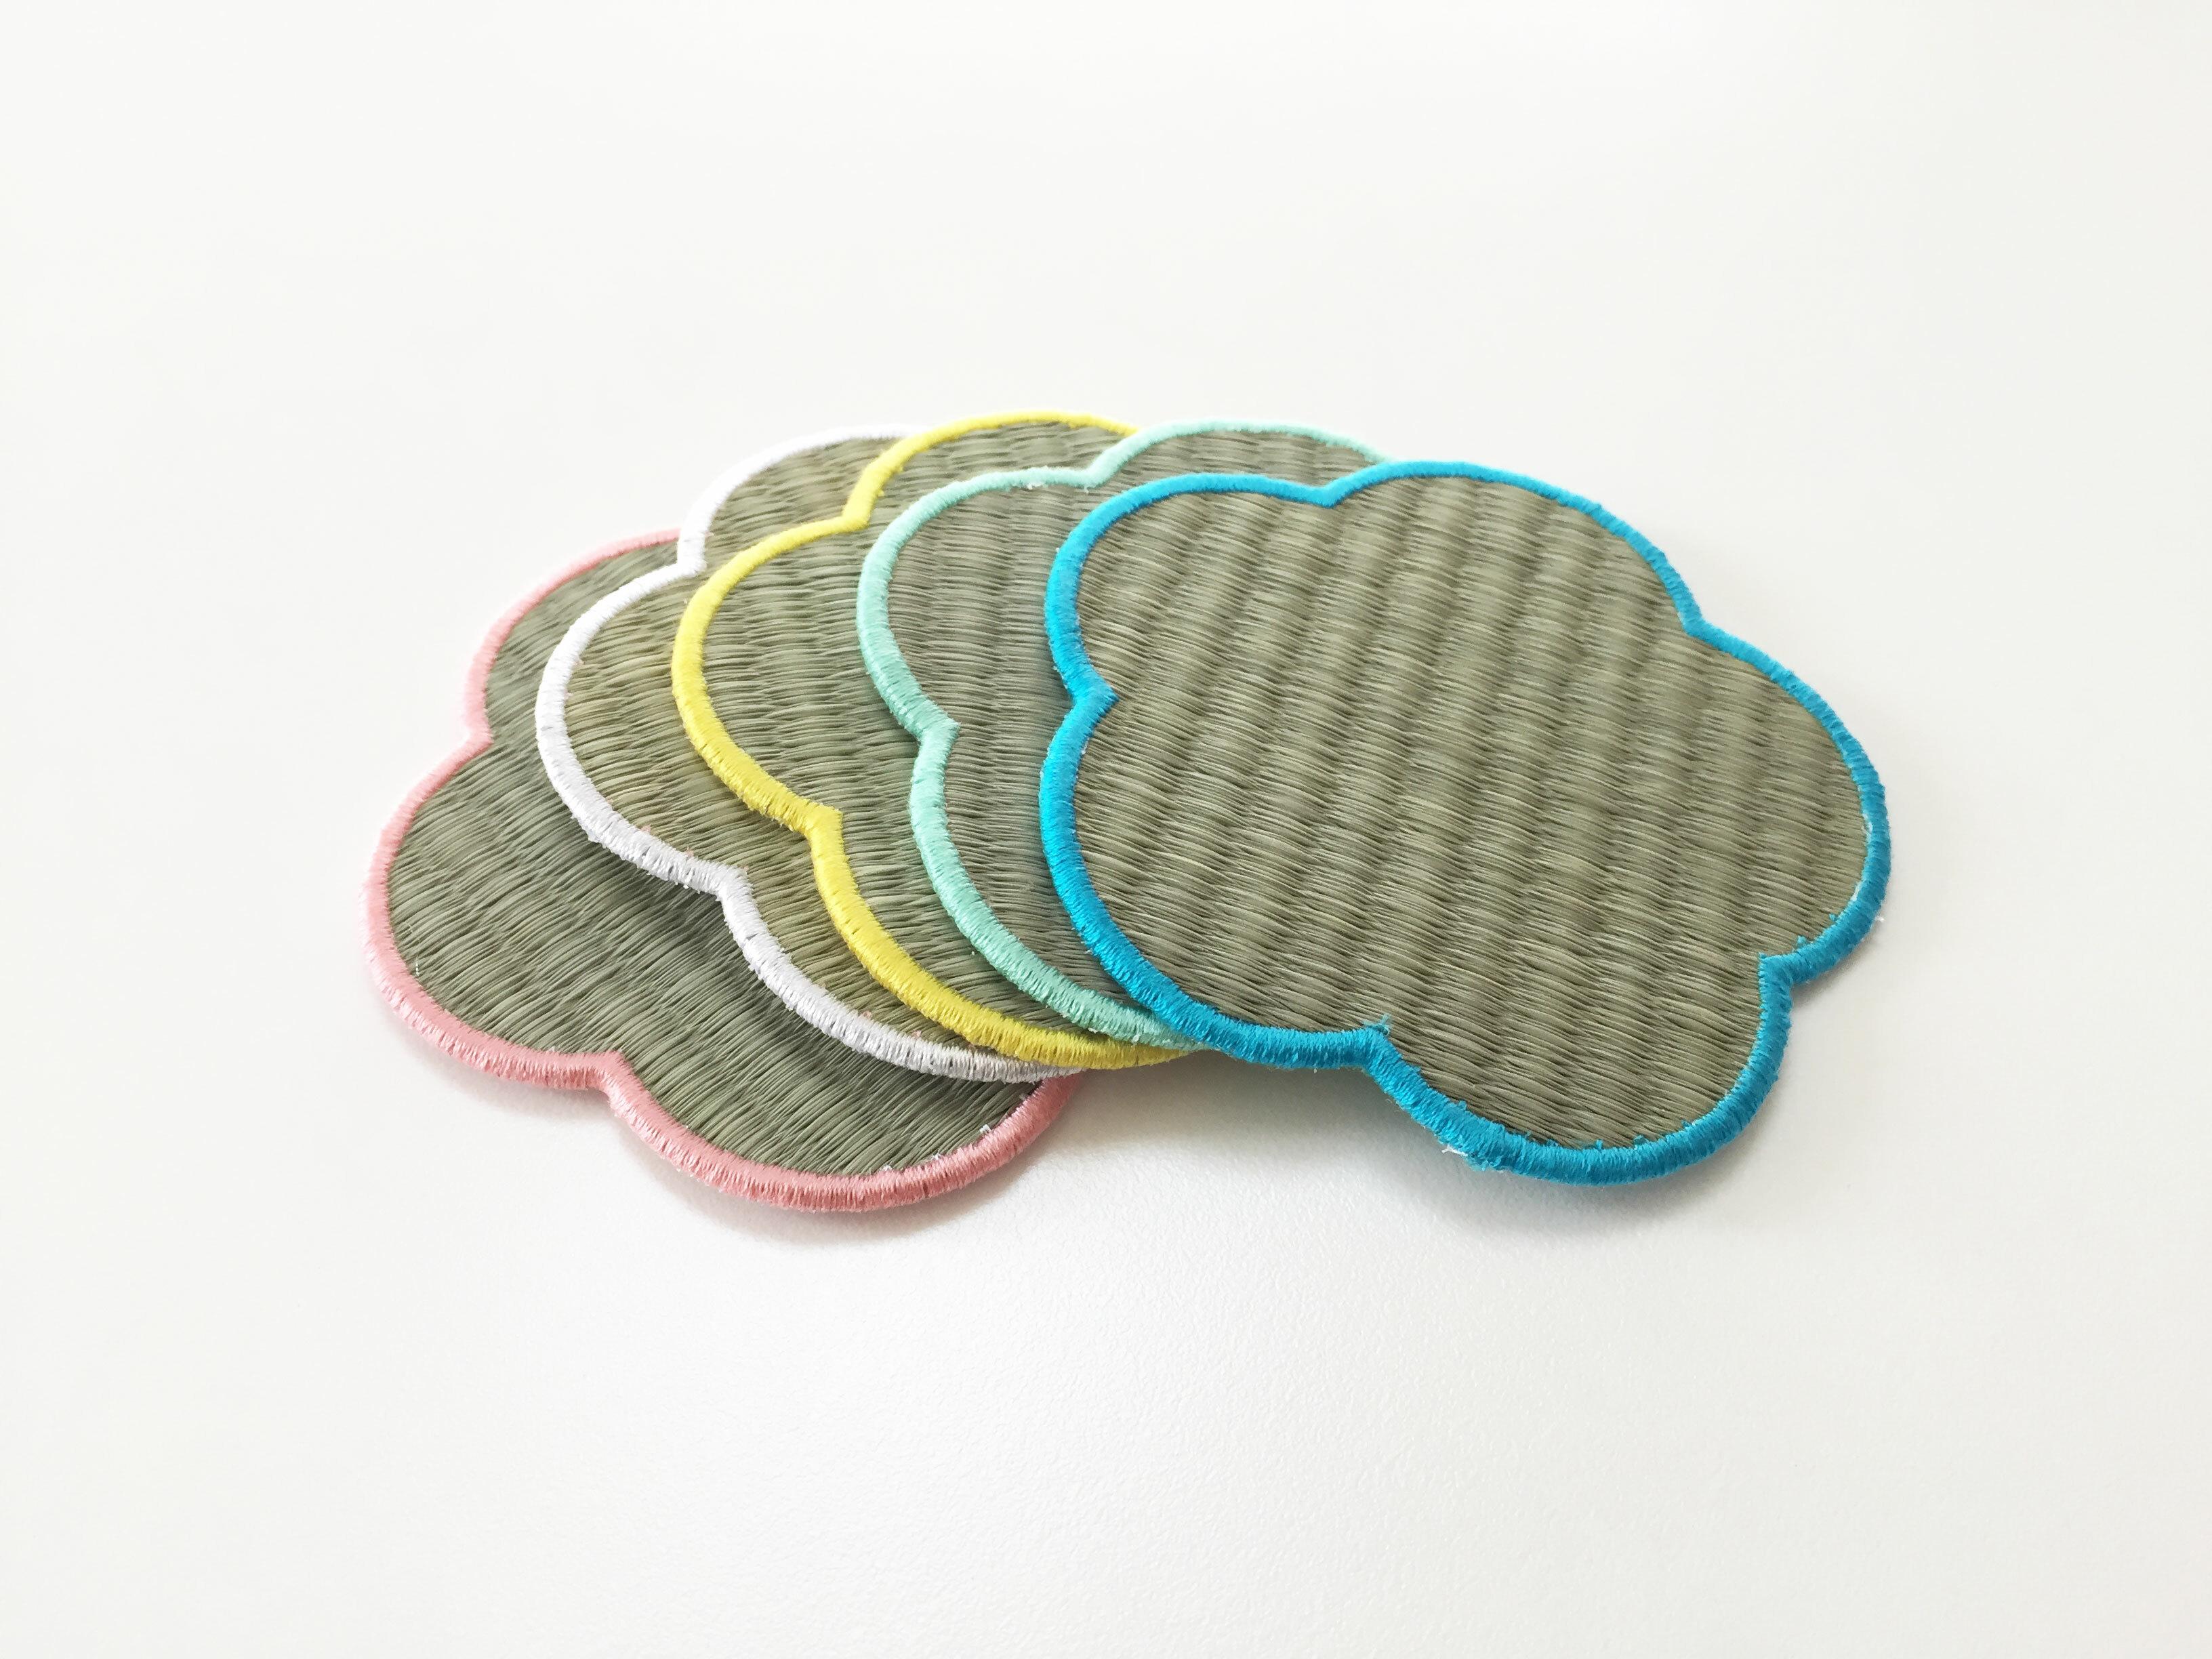 【Tatapi】梅畳コースター 5枚セット (5色カラー)